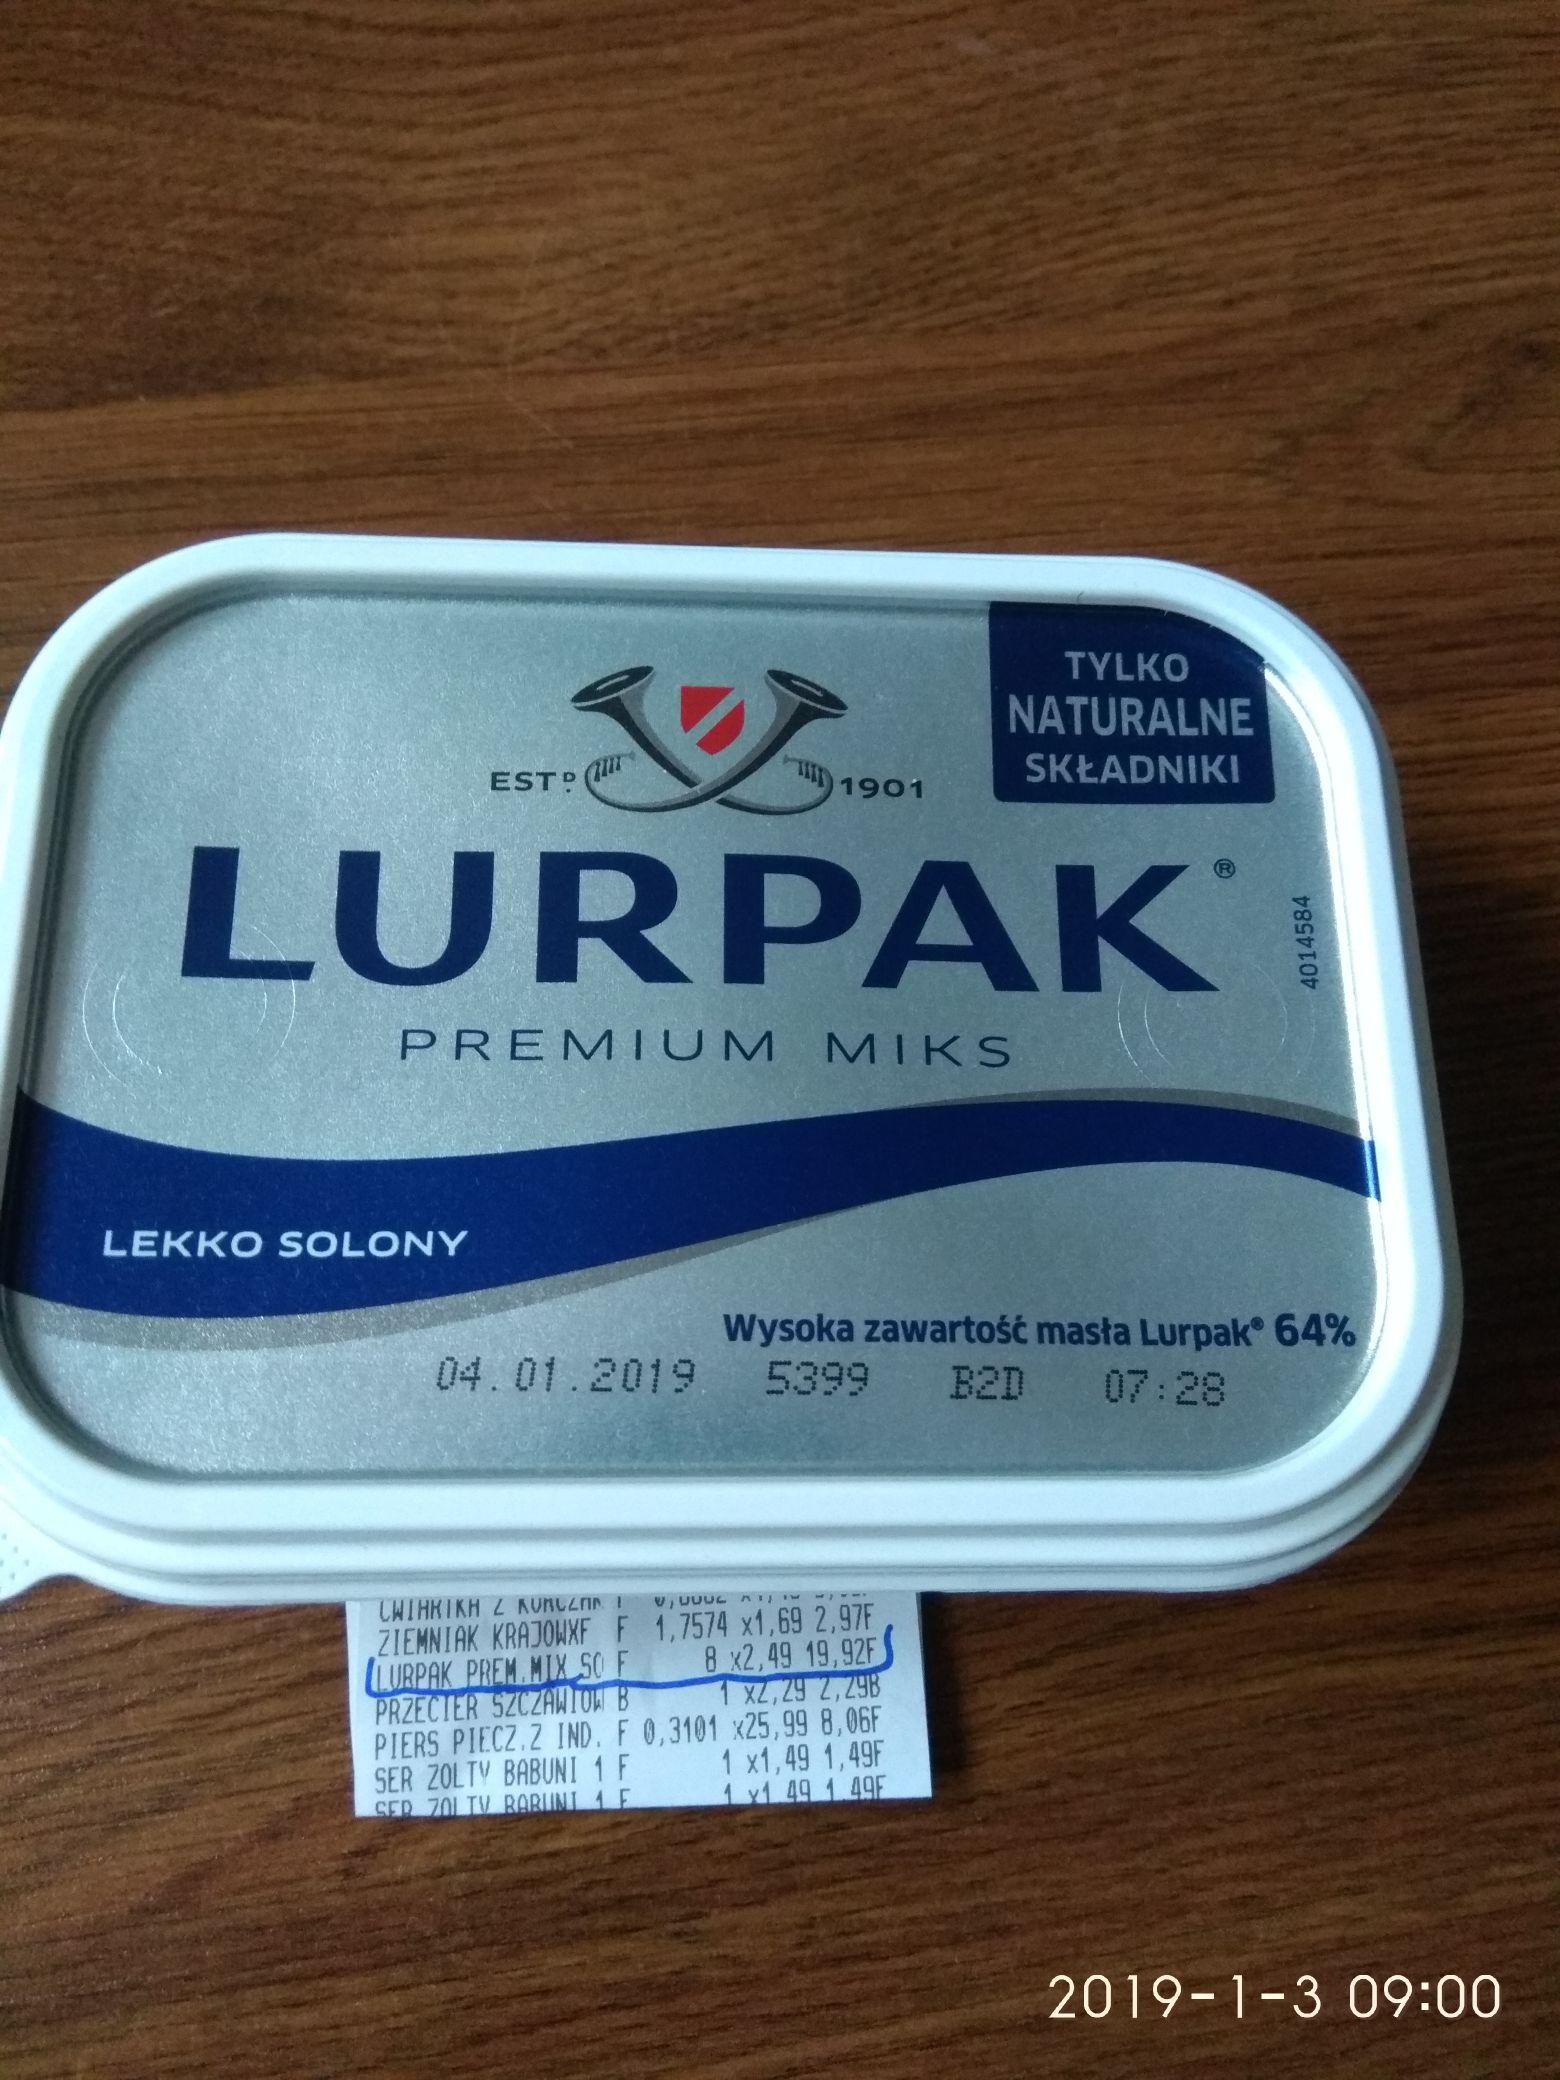 LURPAK Premium miks 2.49 za 200g INTERMARCHE